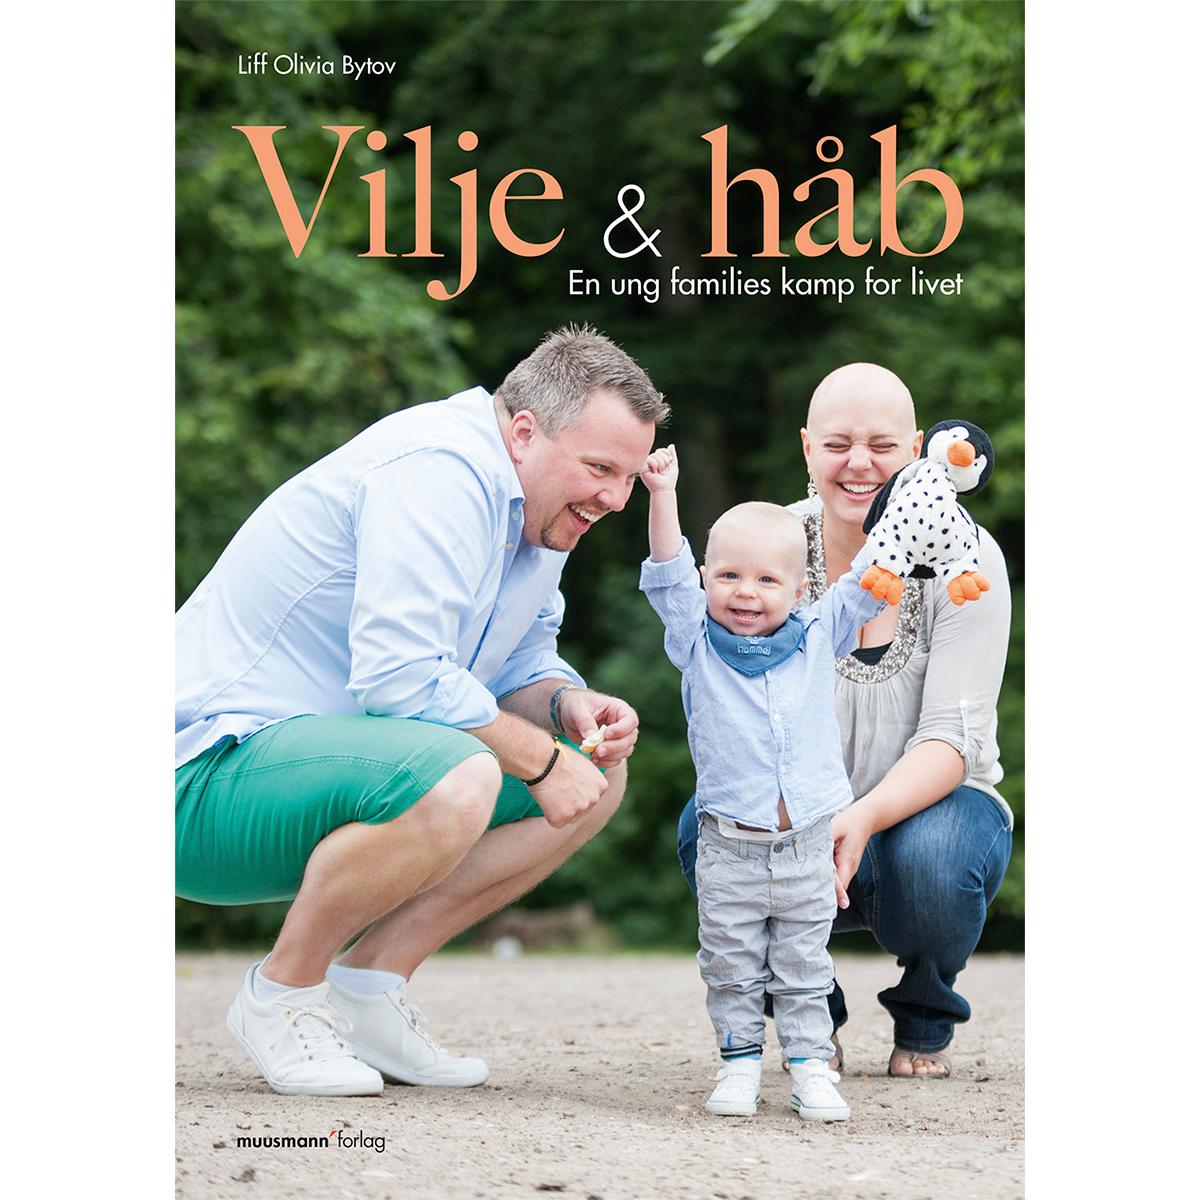 Vilje og håb - En ung families kamp for livet - Paperback